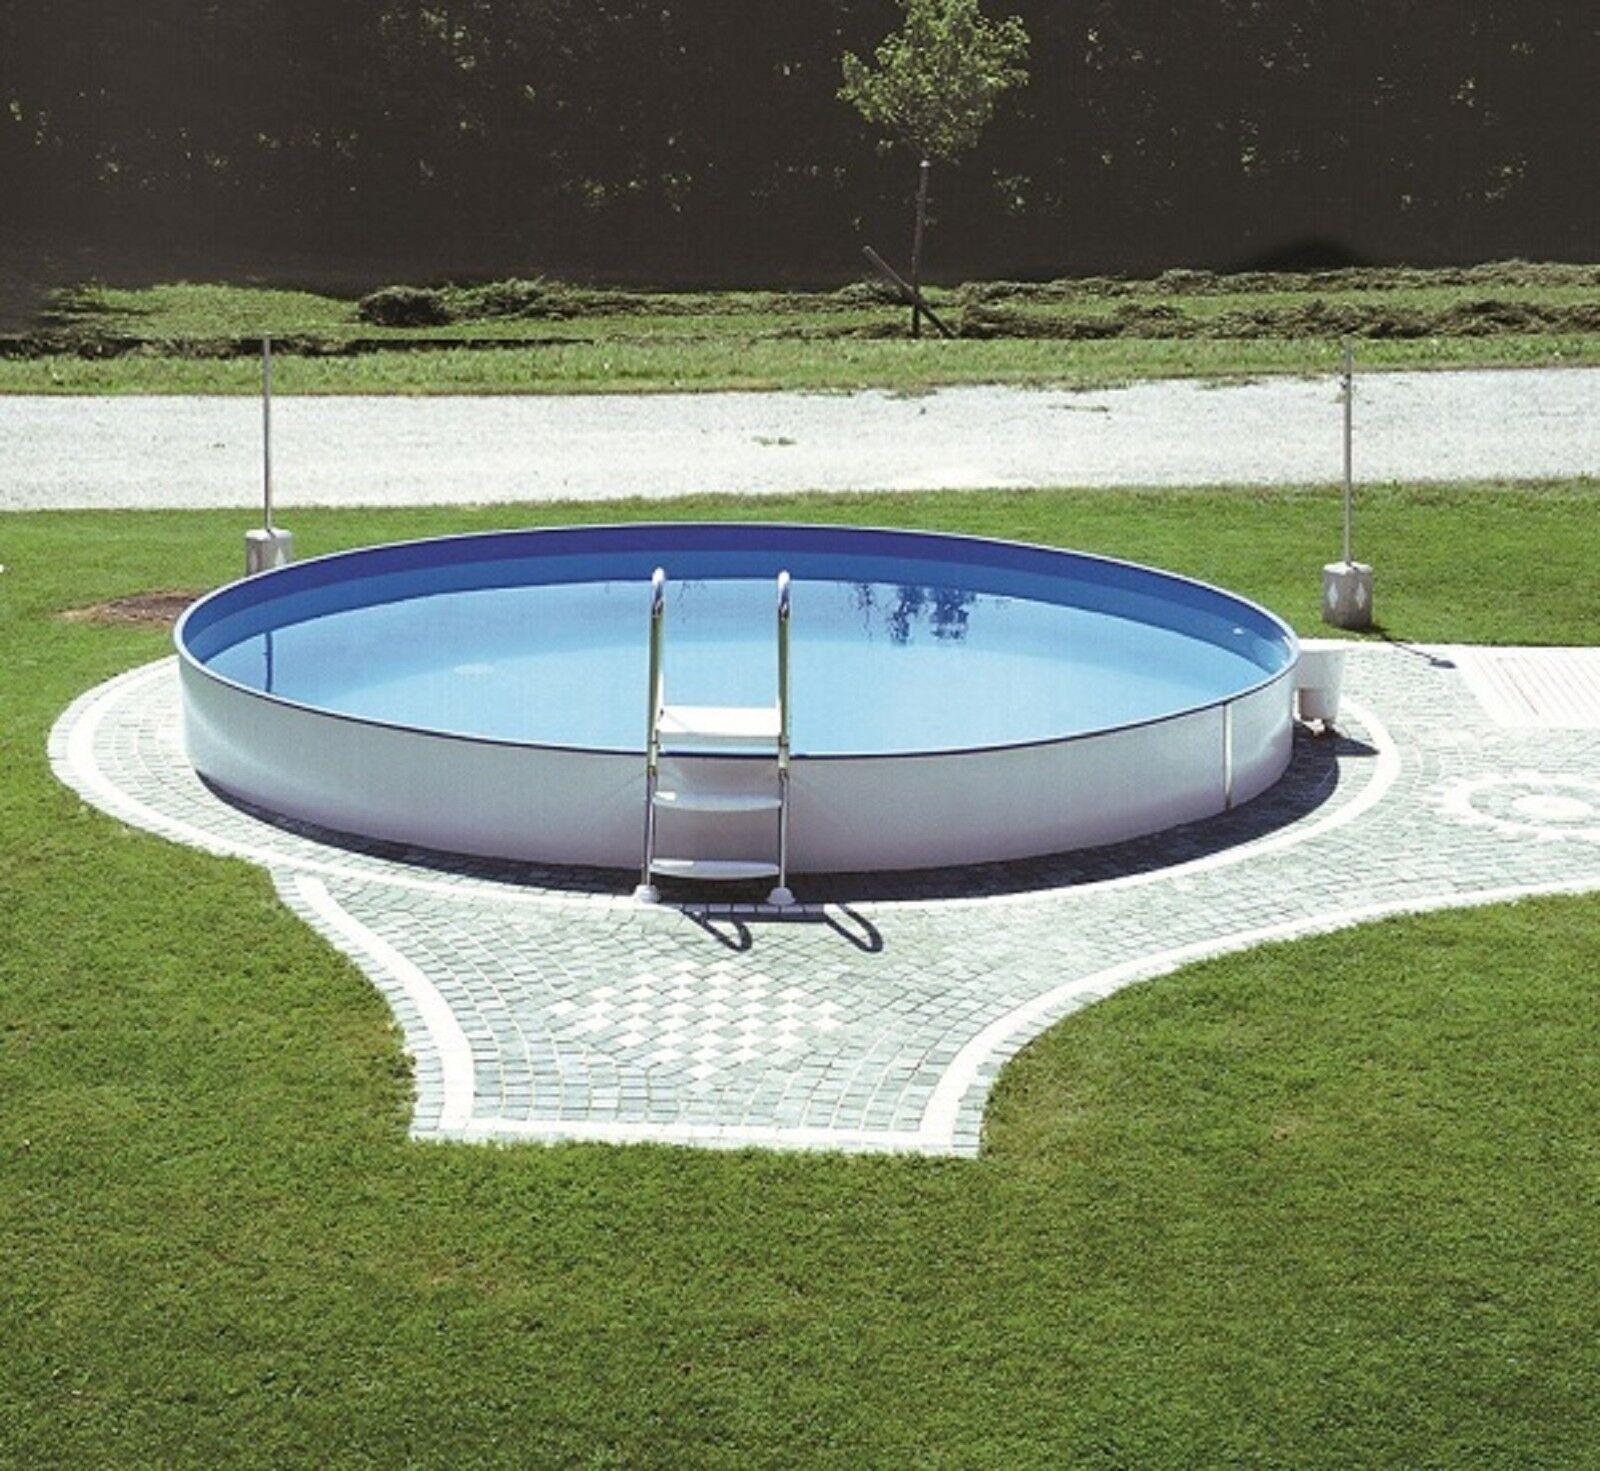 Pool rund tief mein badetraum rundbecken pool set 3 for Stahlwandpool rund steinoptik